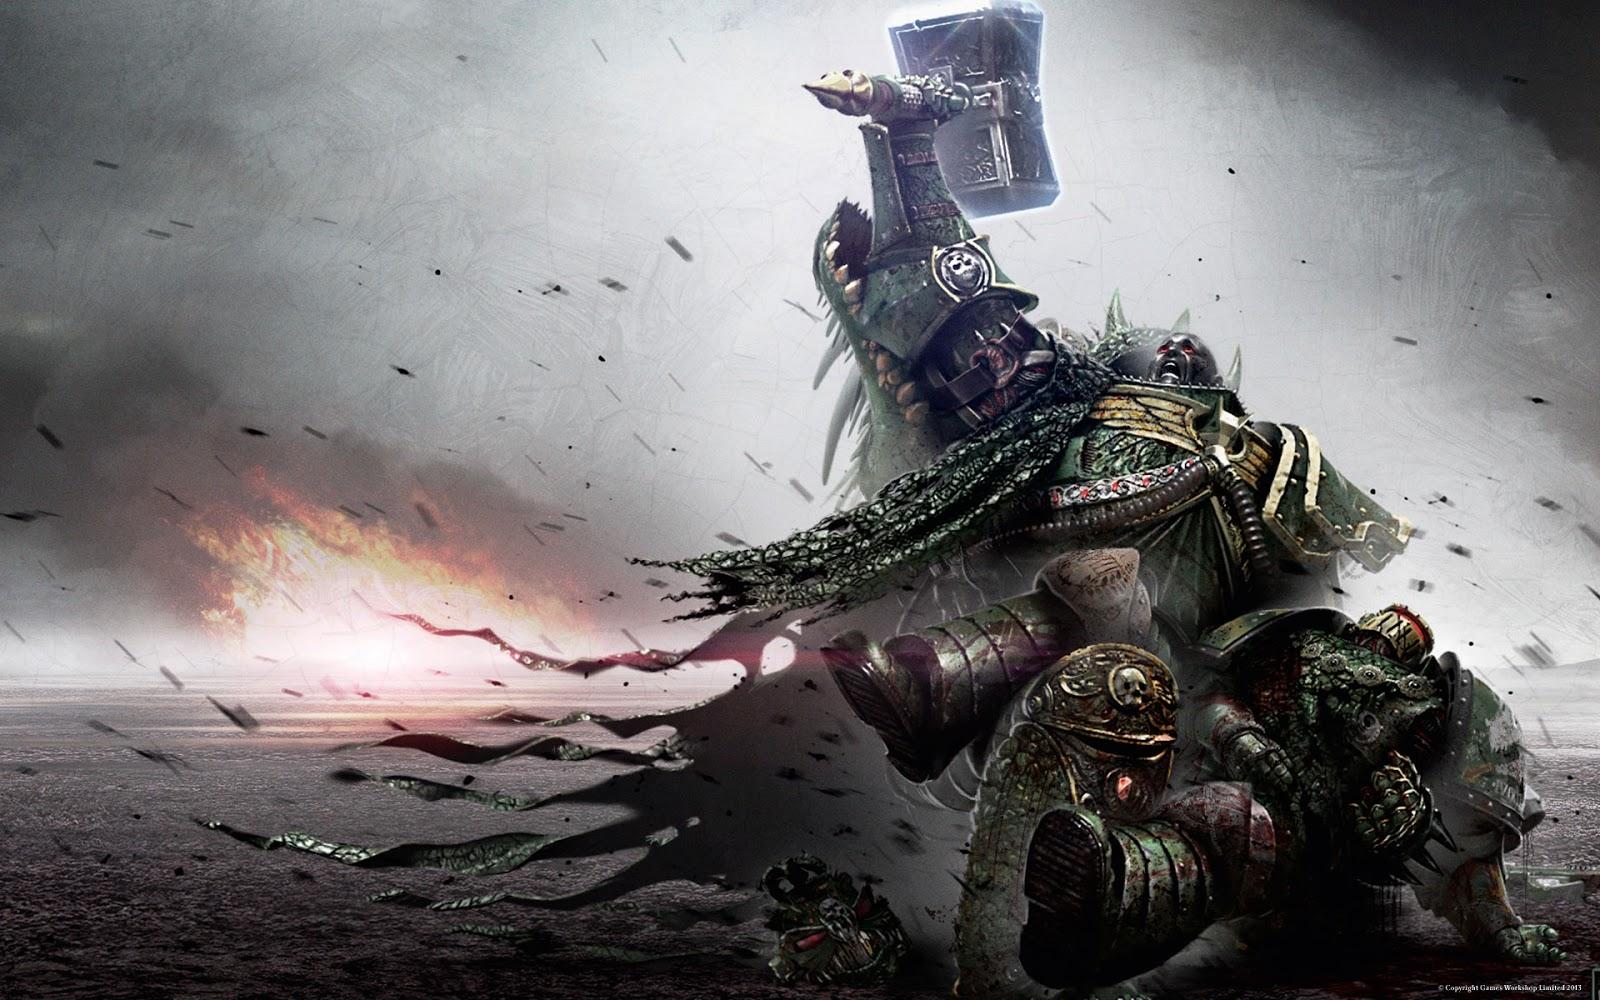 warhammer horus heresy hd wallpaper - photo #8